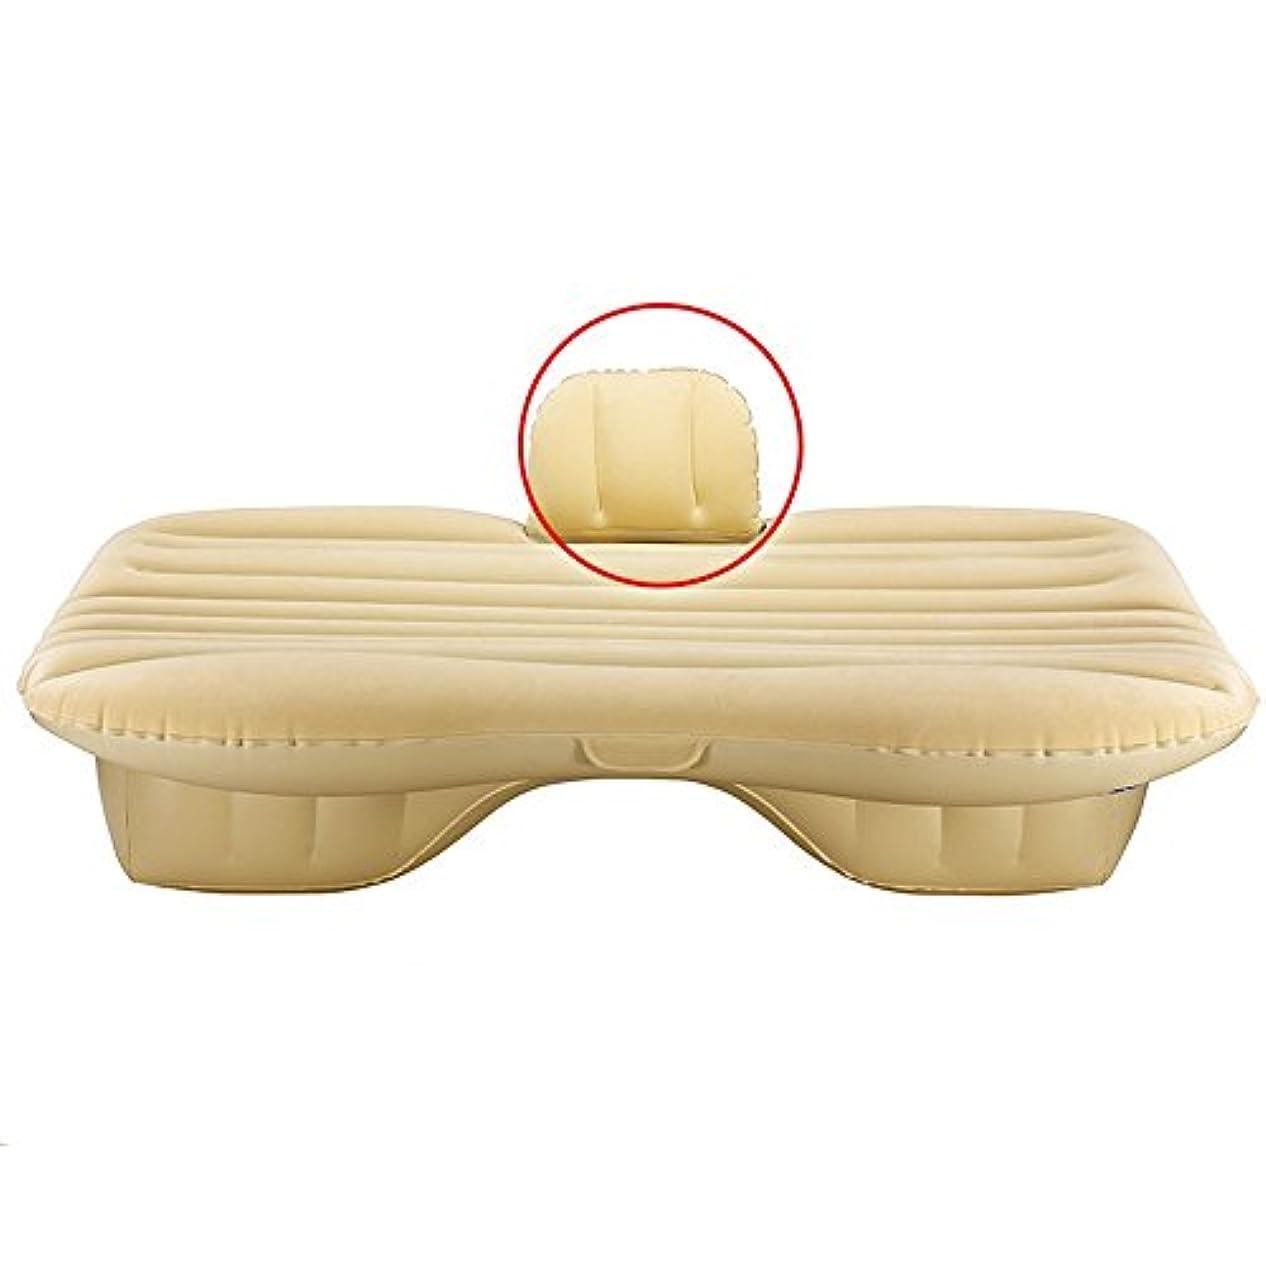 秘書ペイント可能性車のインフレータブルベッドSUVユニバーサルエアベッド大人の屋外旅行ベッドポータブル後部排気パッドベッドエアbedcarインフレータブル旅行ベッド車のエアベッドinfl(色:ベージュ、サイズ:2#)